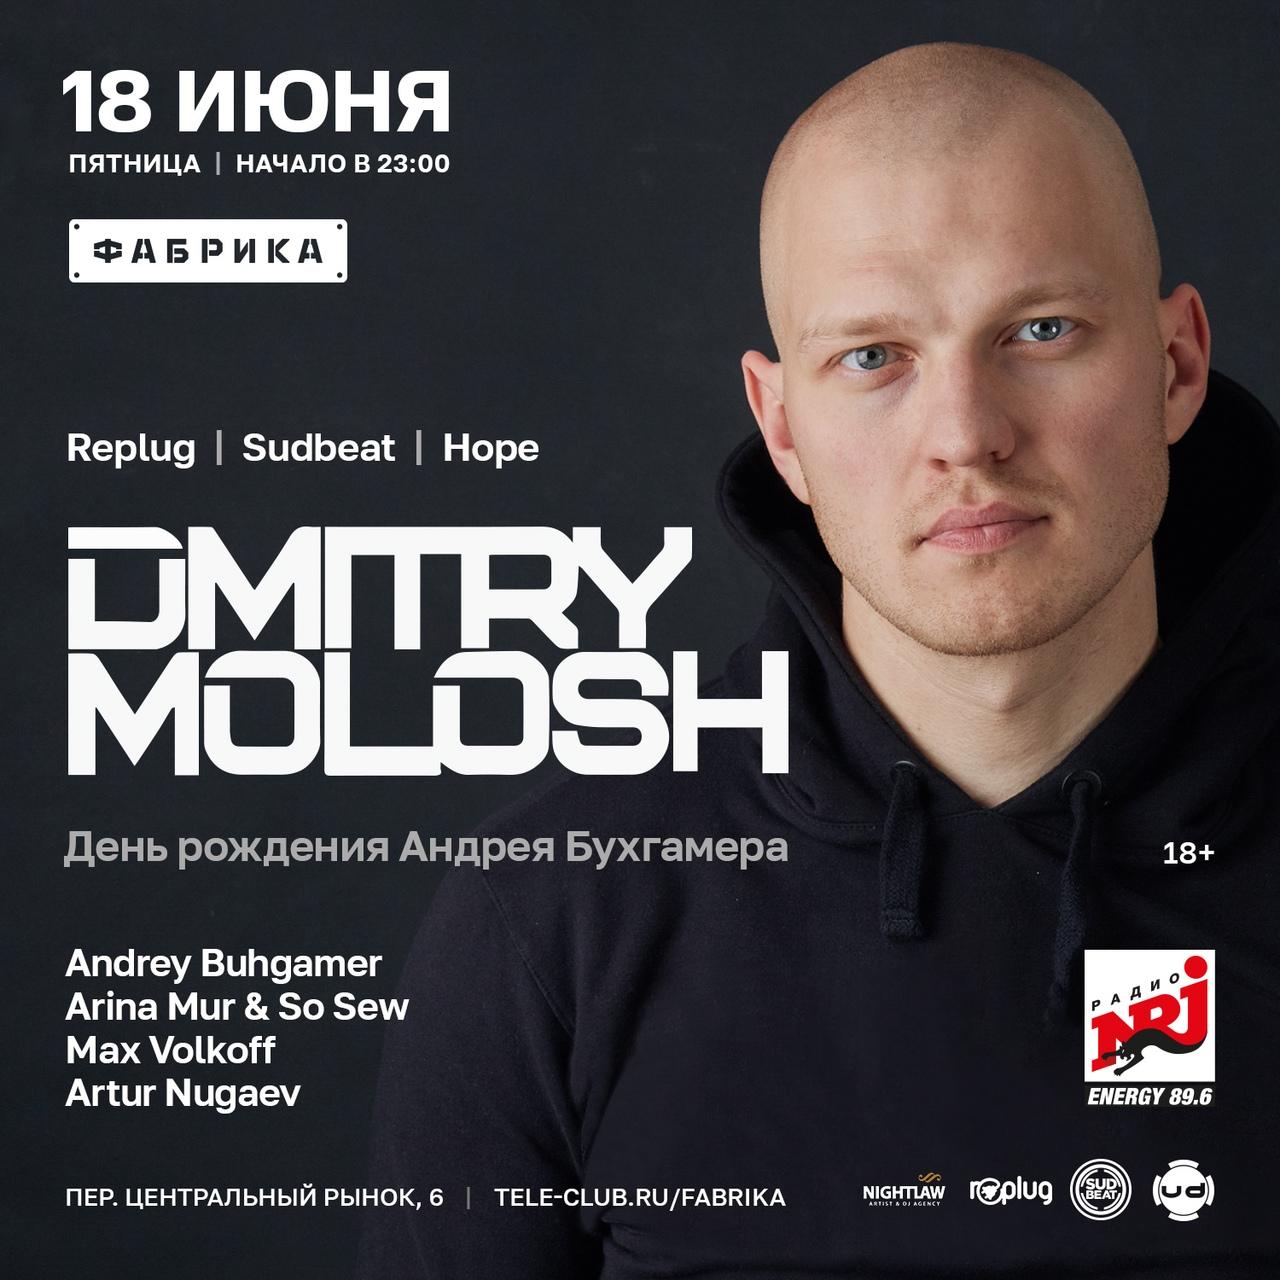 Афиша Екатеринбург 18 июня Dmitry Molosh Фабрика